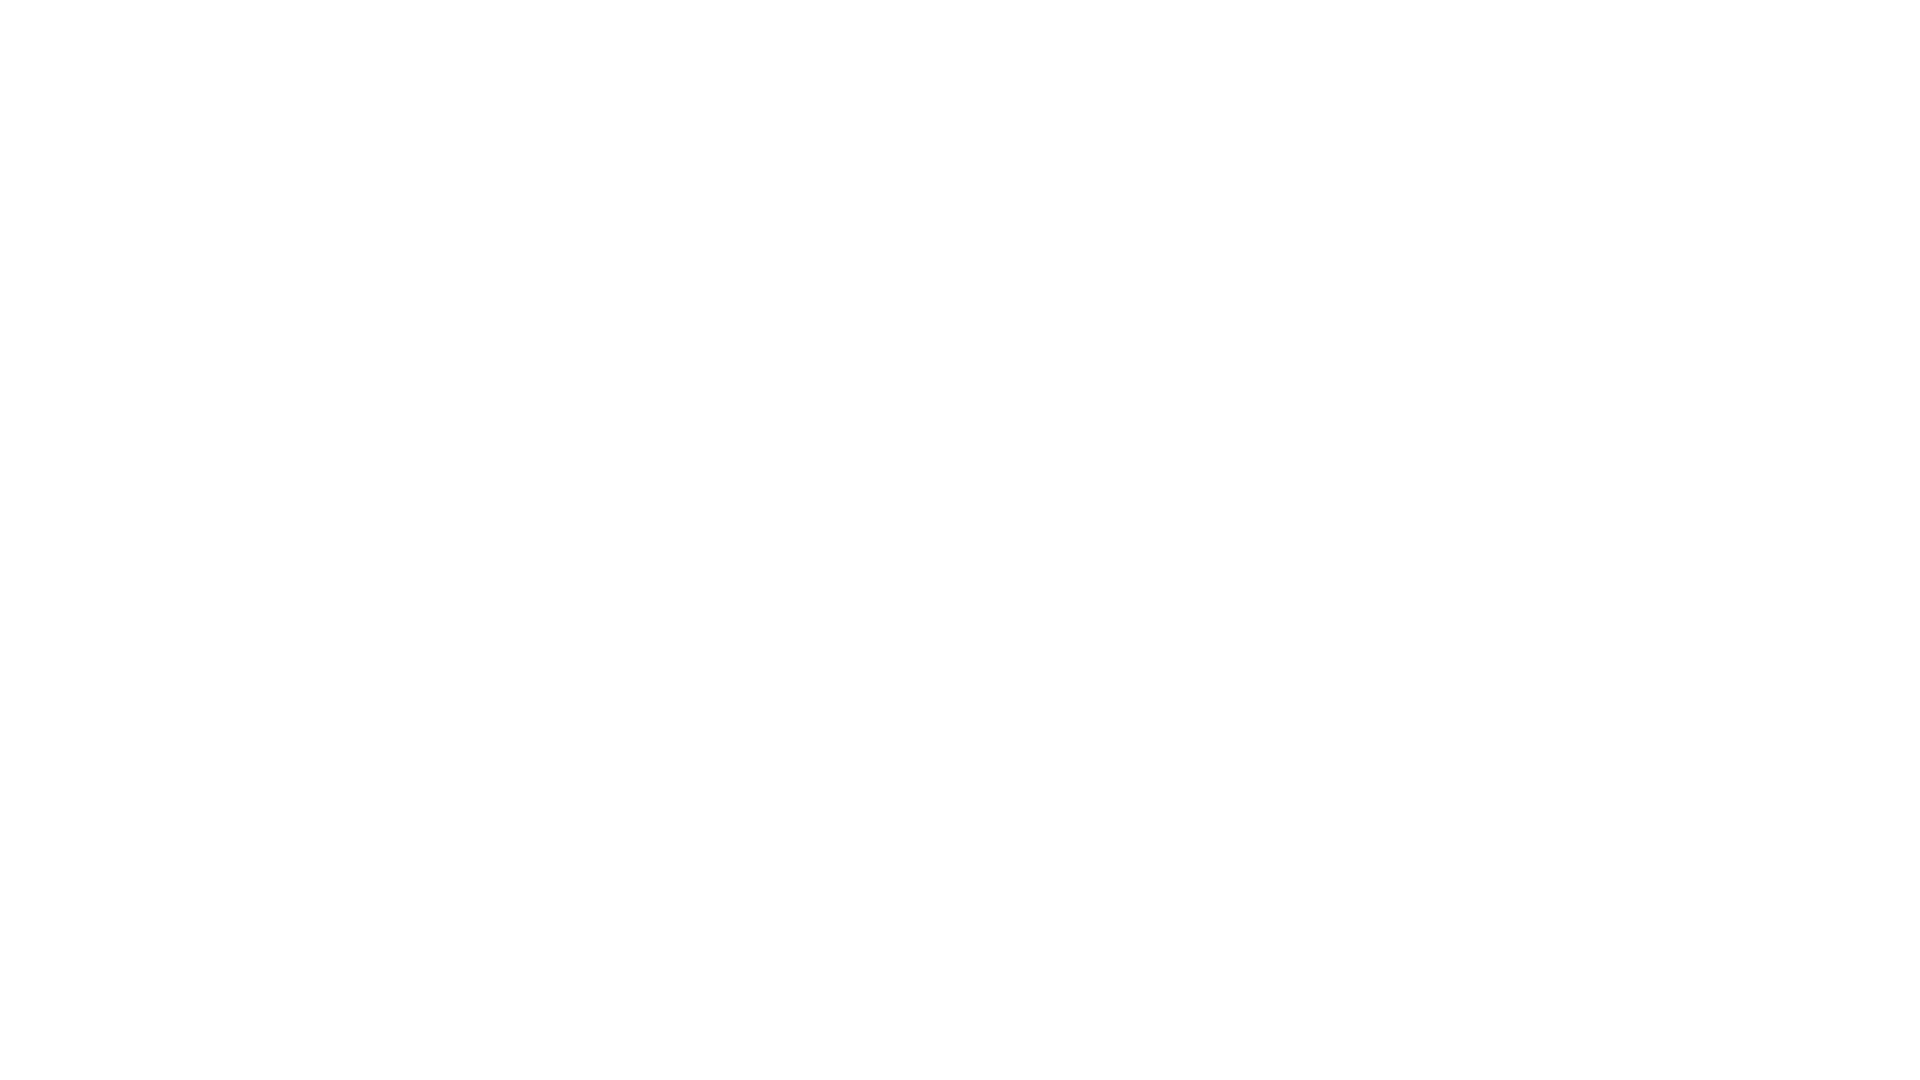 Lượng thuê bao 08 của VinaPhone tăng mạnh sau chuyển mã mạng